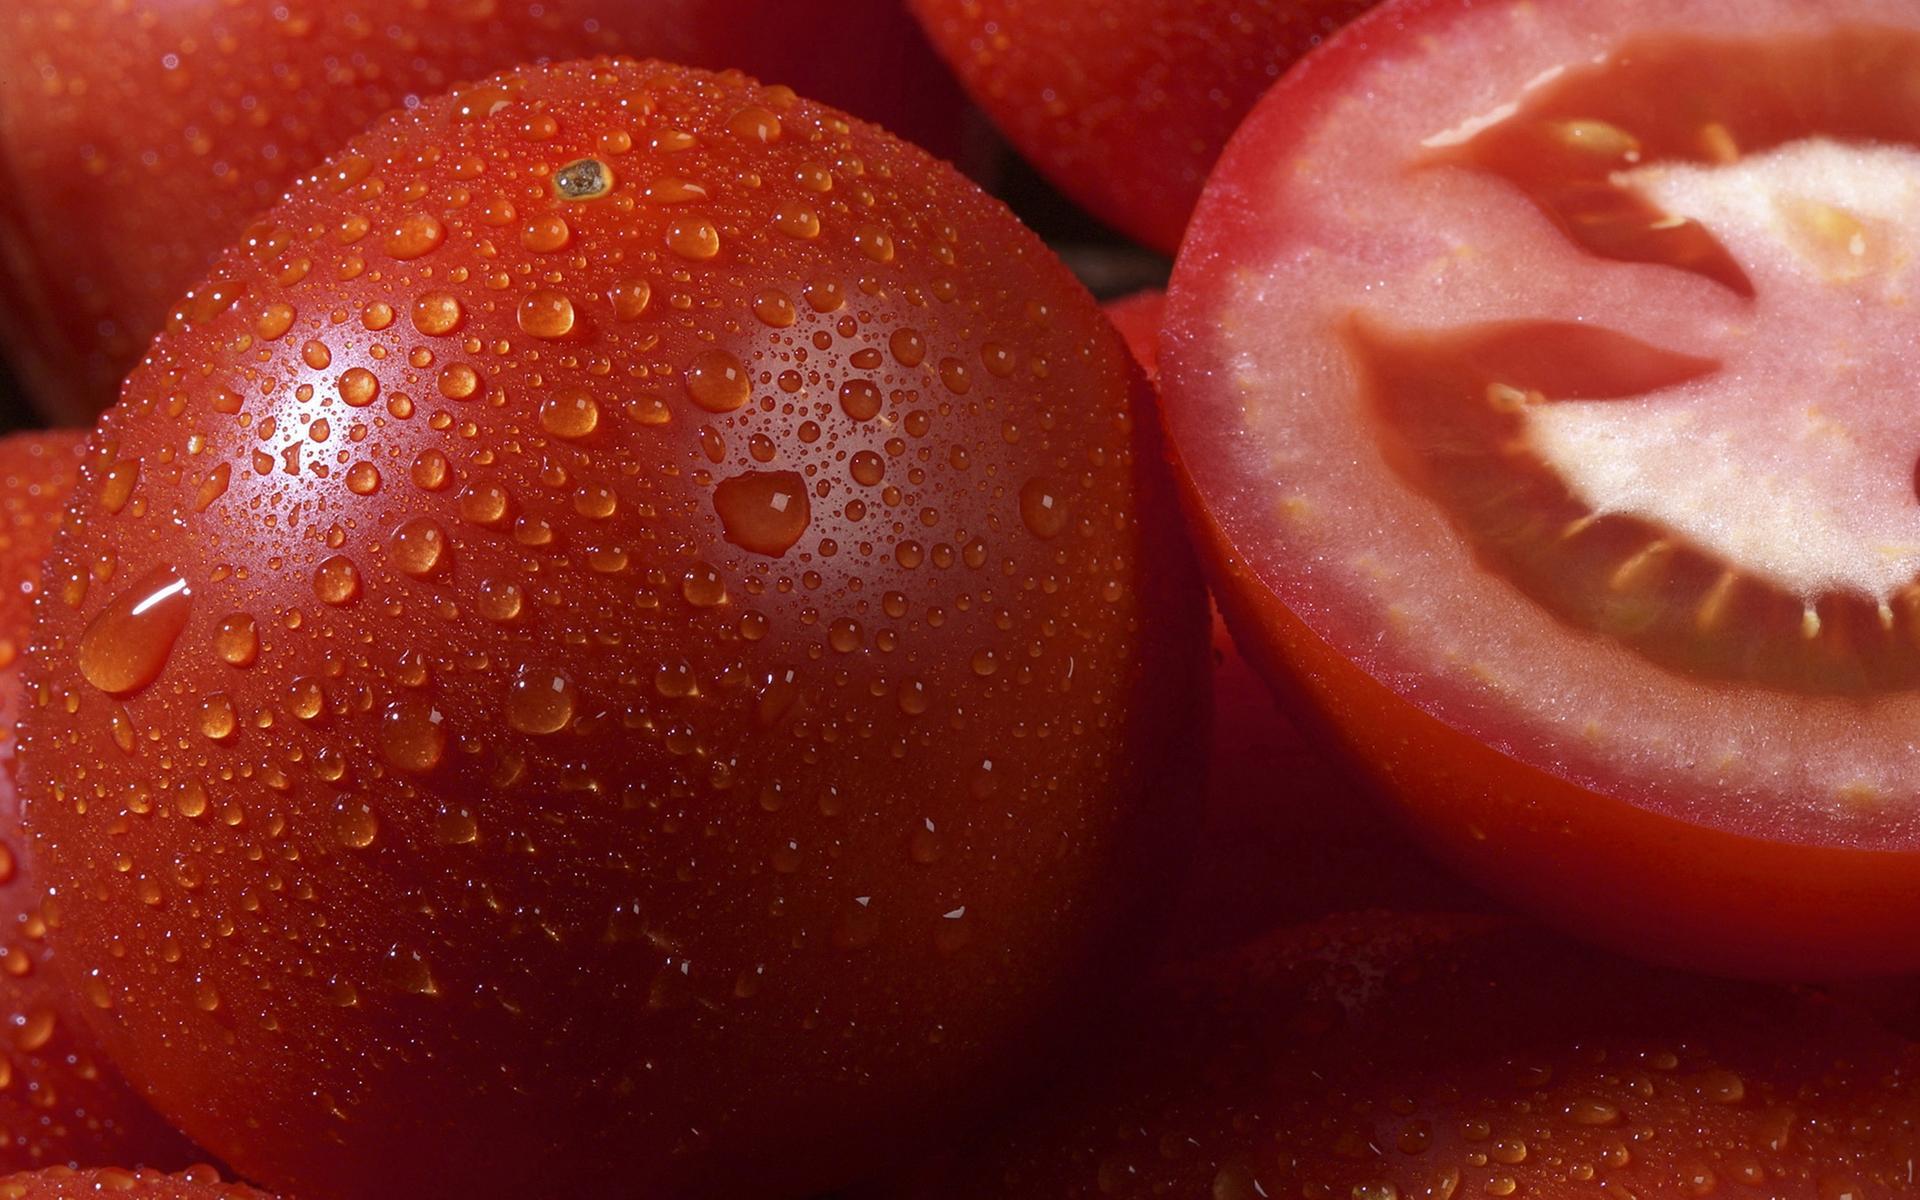 Обои для рабочего стола, фото, помидоры